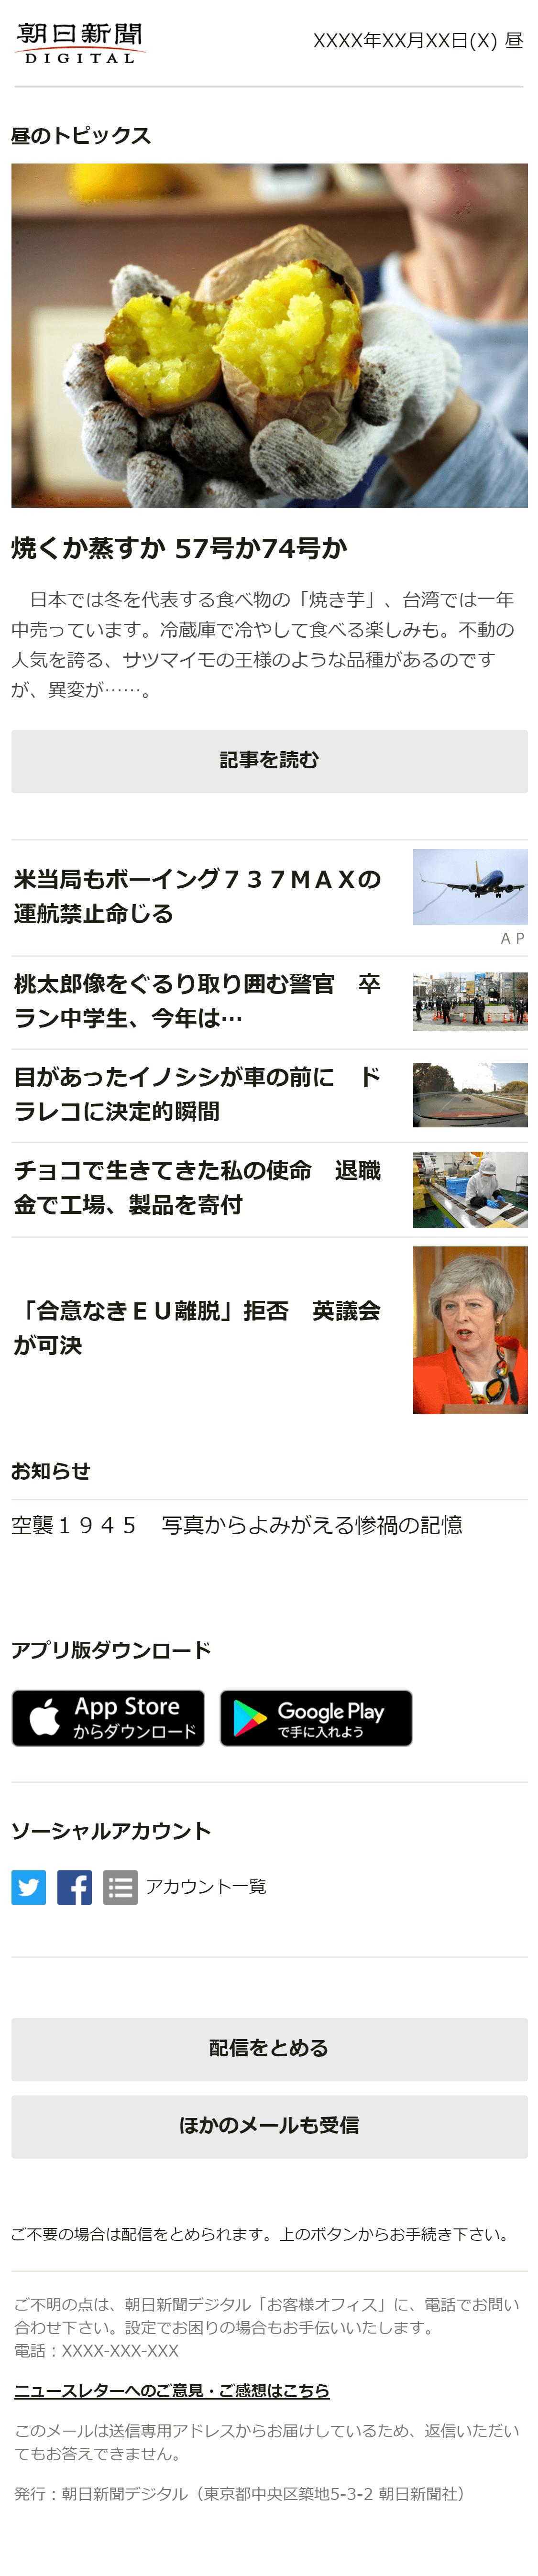 ニュースレター[昼]のサンプル